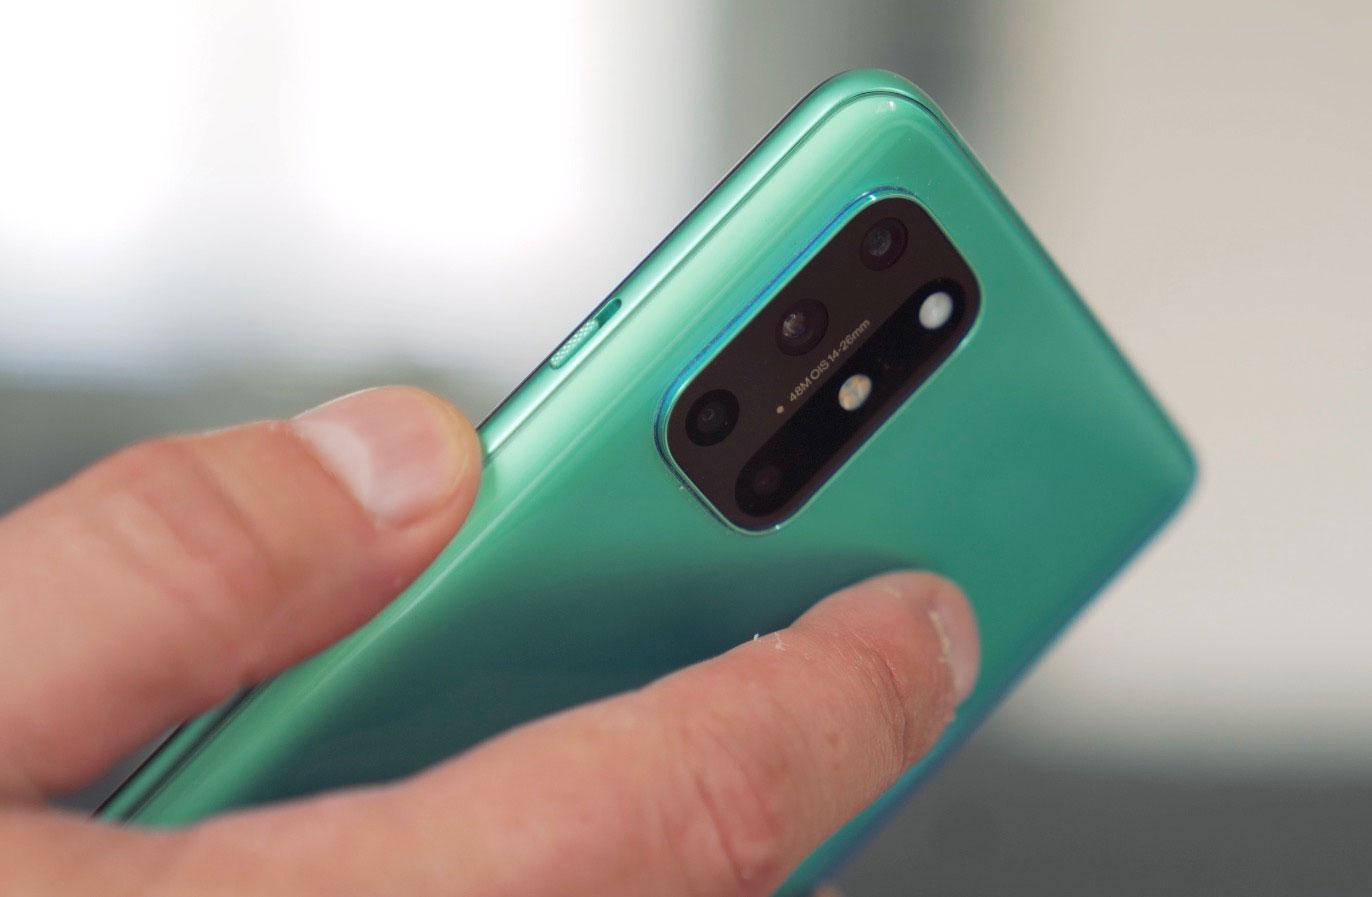 Contrairement à ce que l'on pourrait penser, le OnePlus 8T fait l'impasse sur le téléobjectif